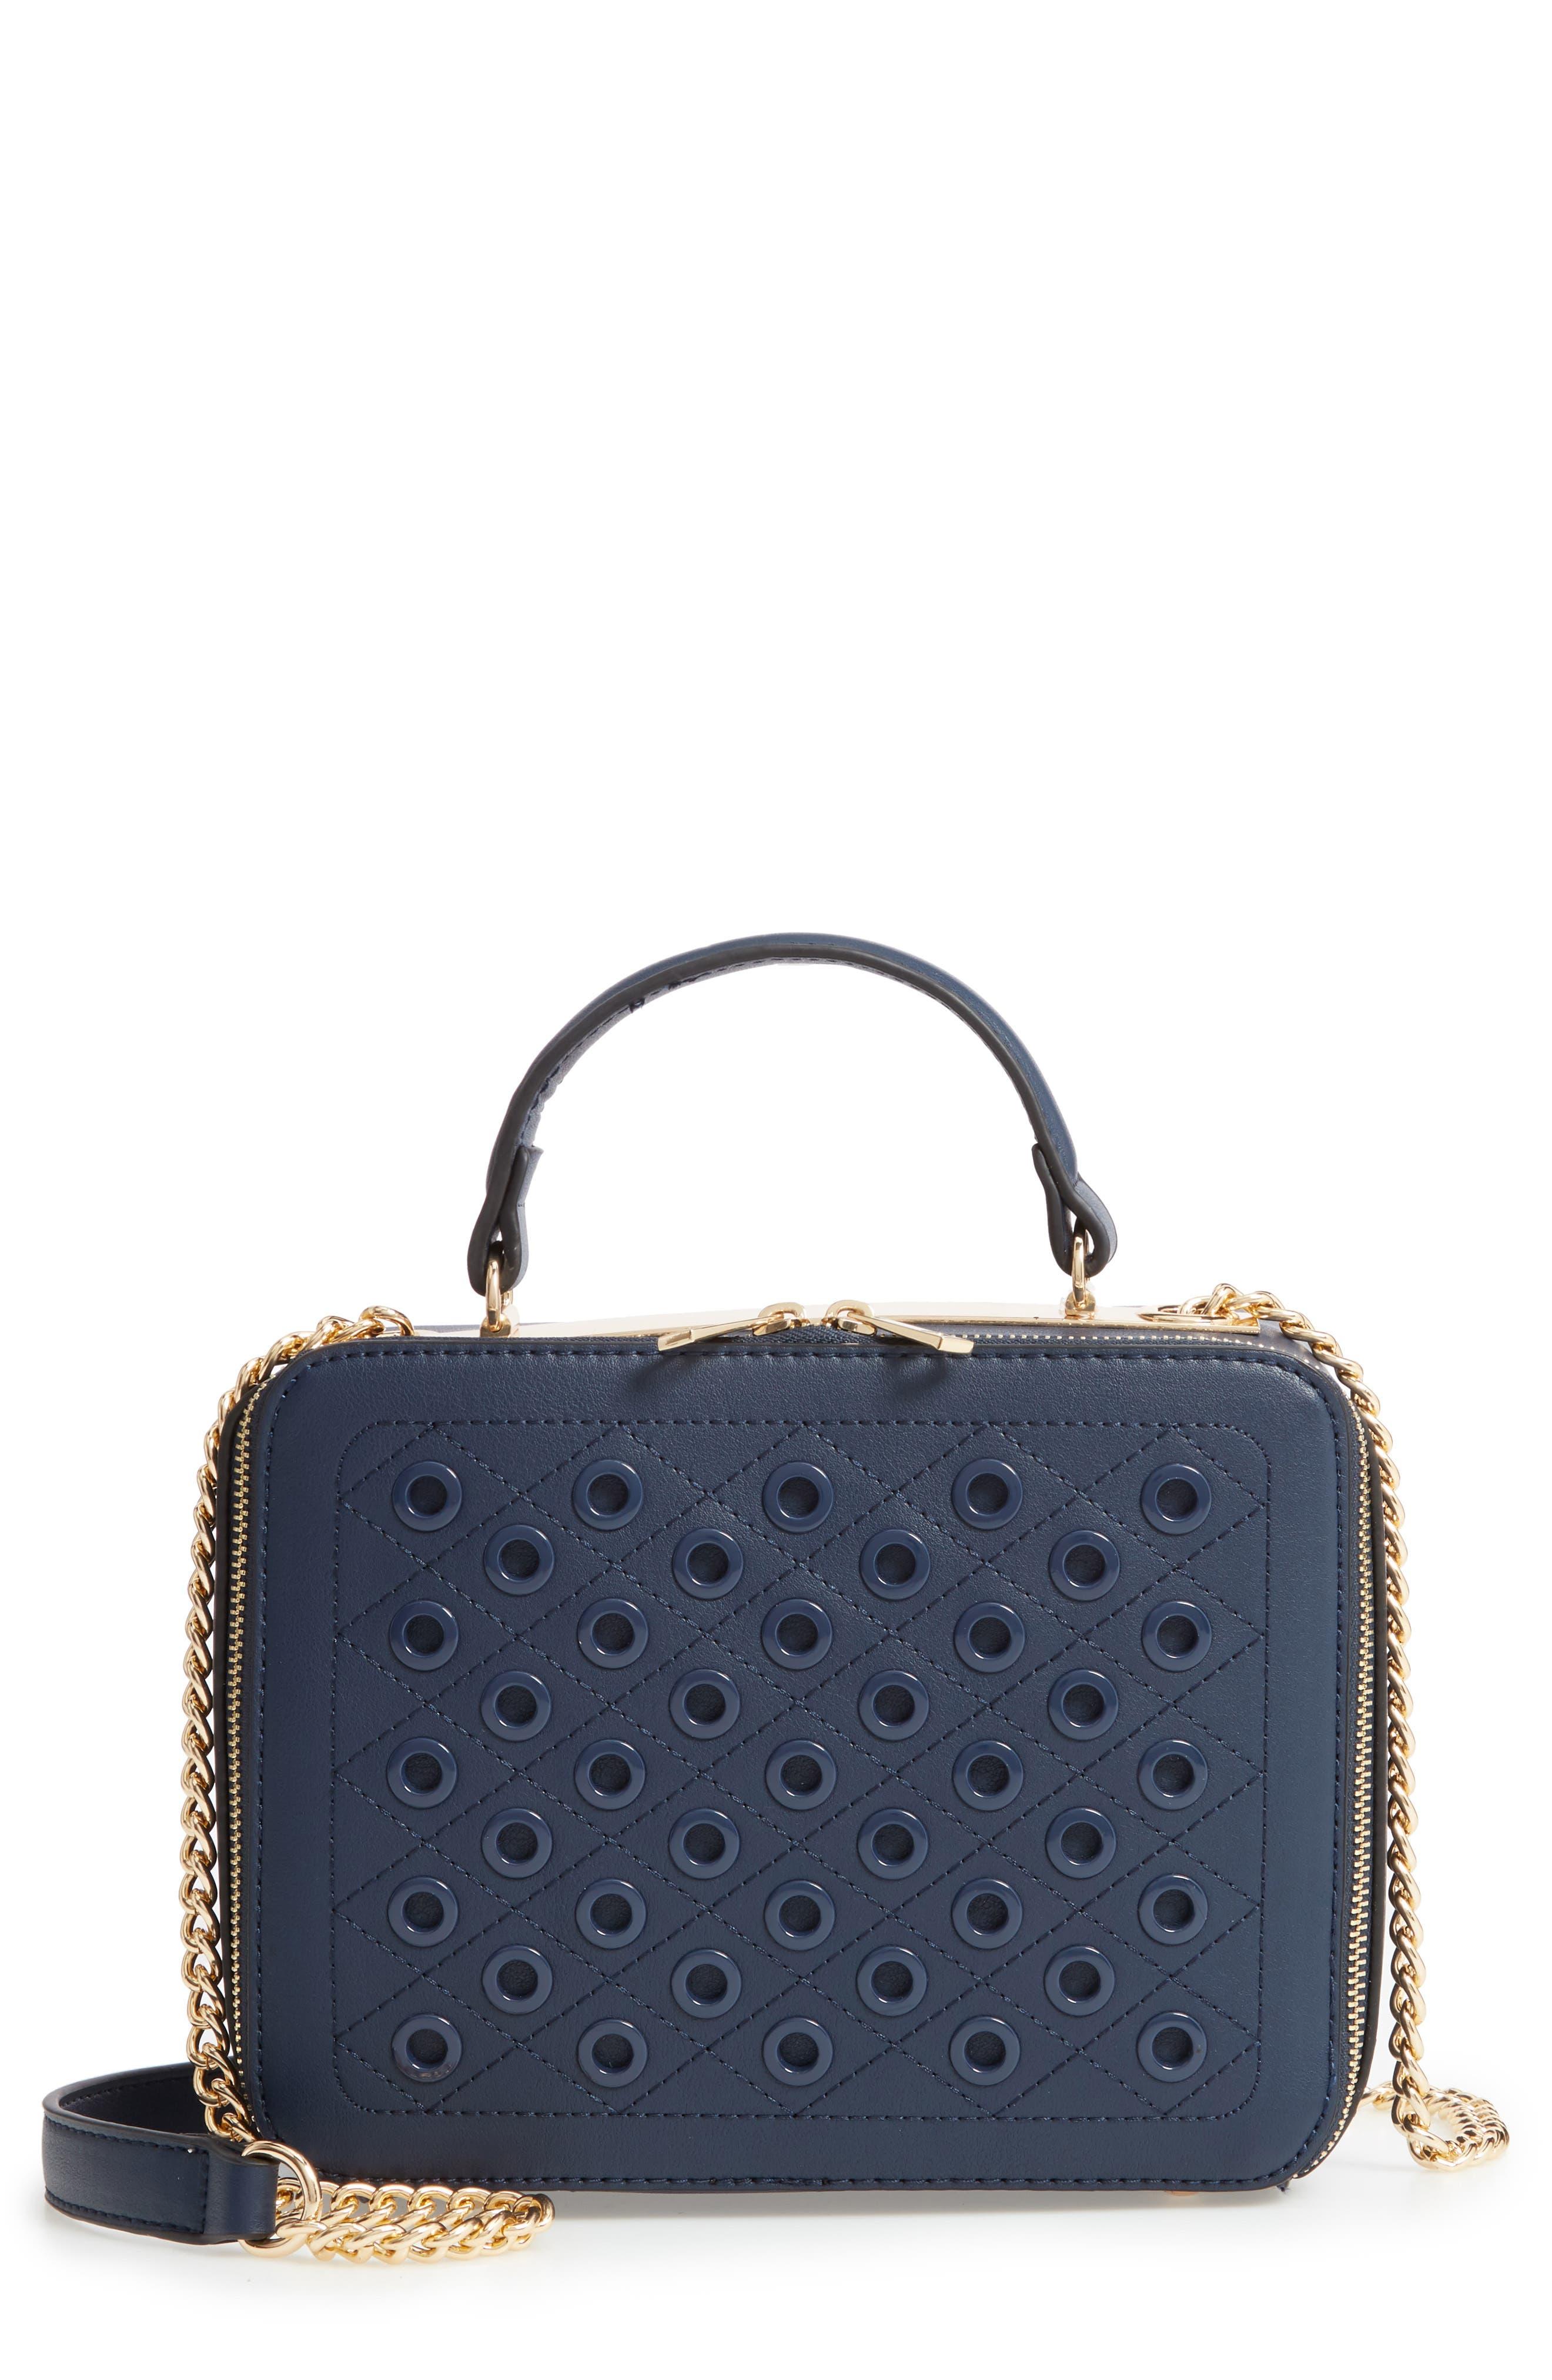 Grommet Detail Faux Leather Crossbody Bag,                             Main thumbnail 1, color,                             400